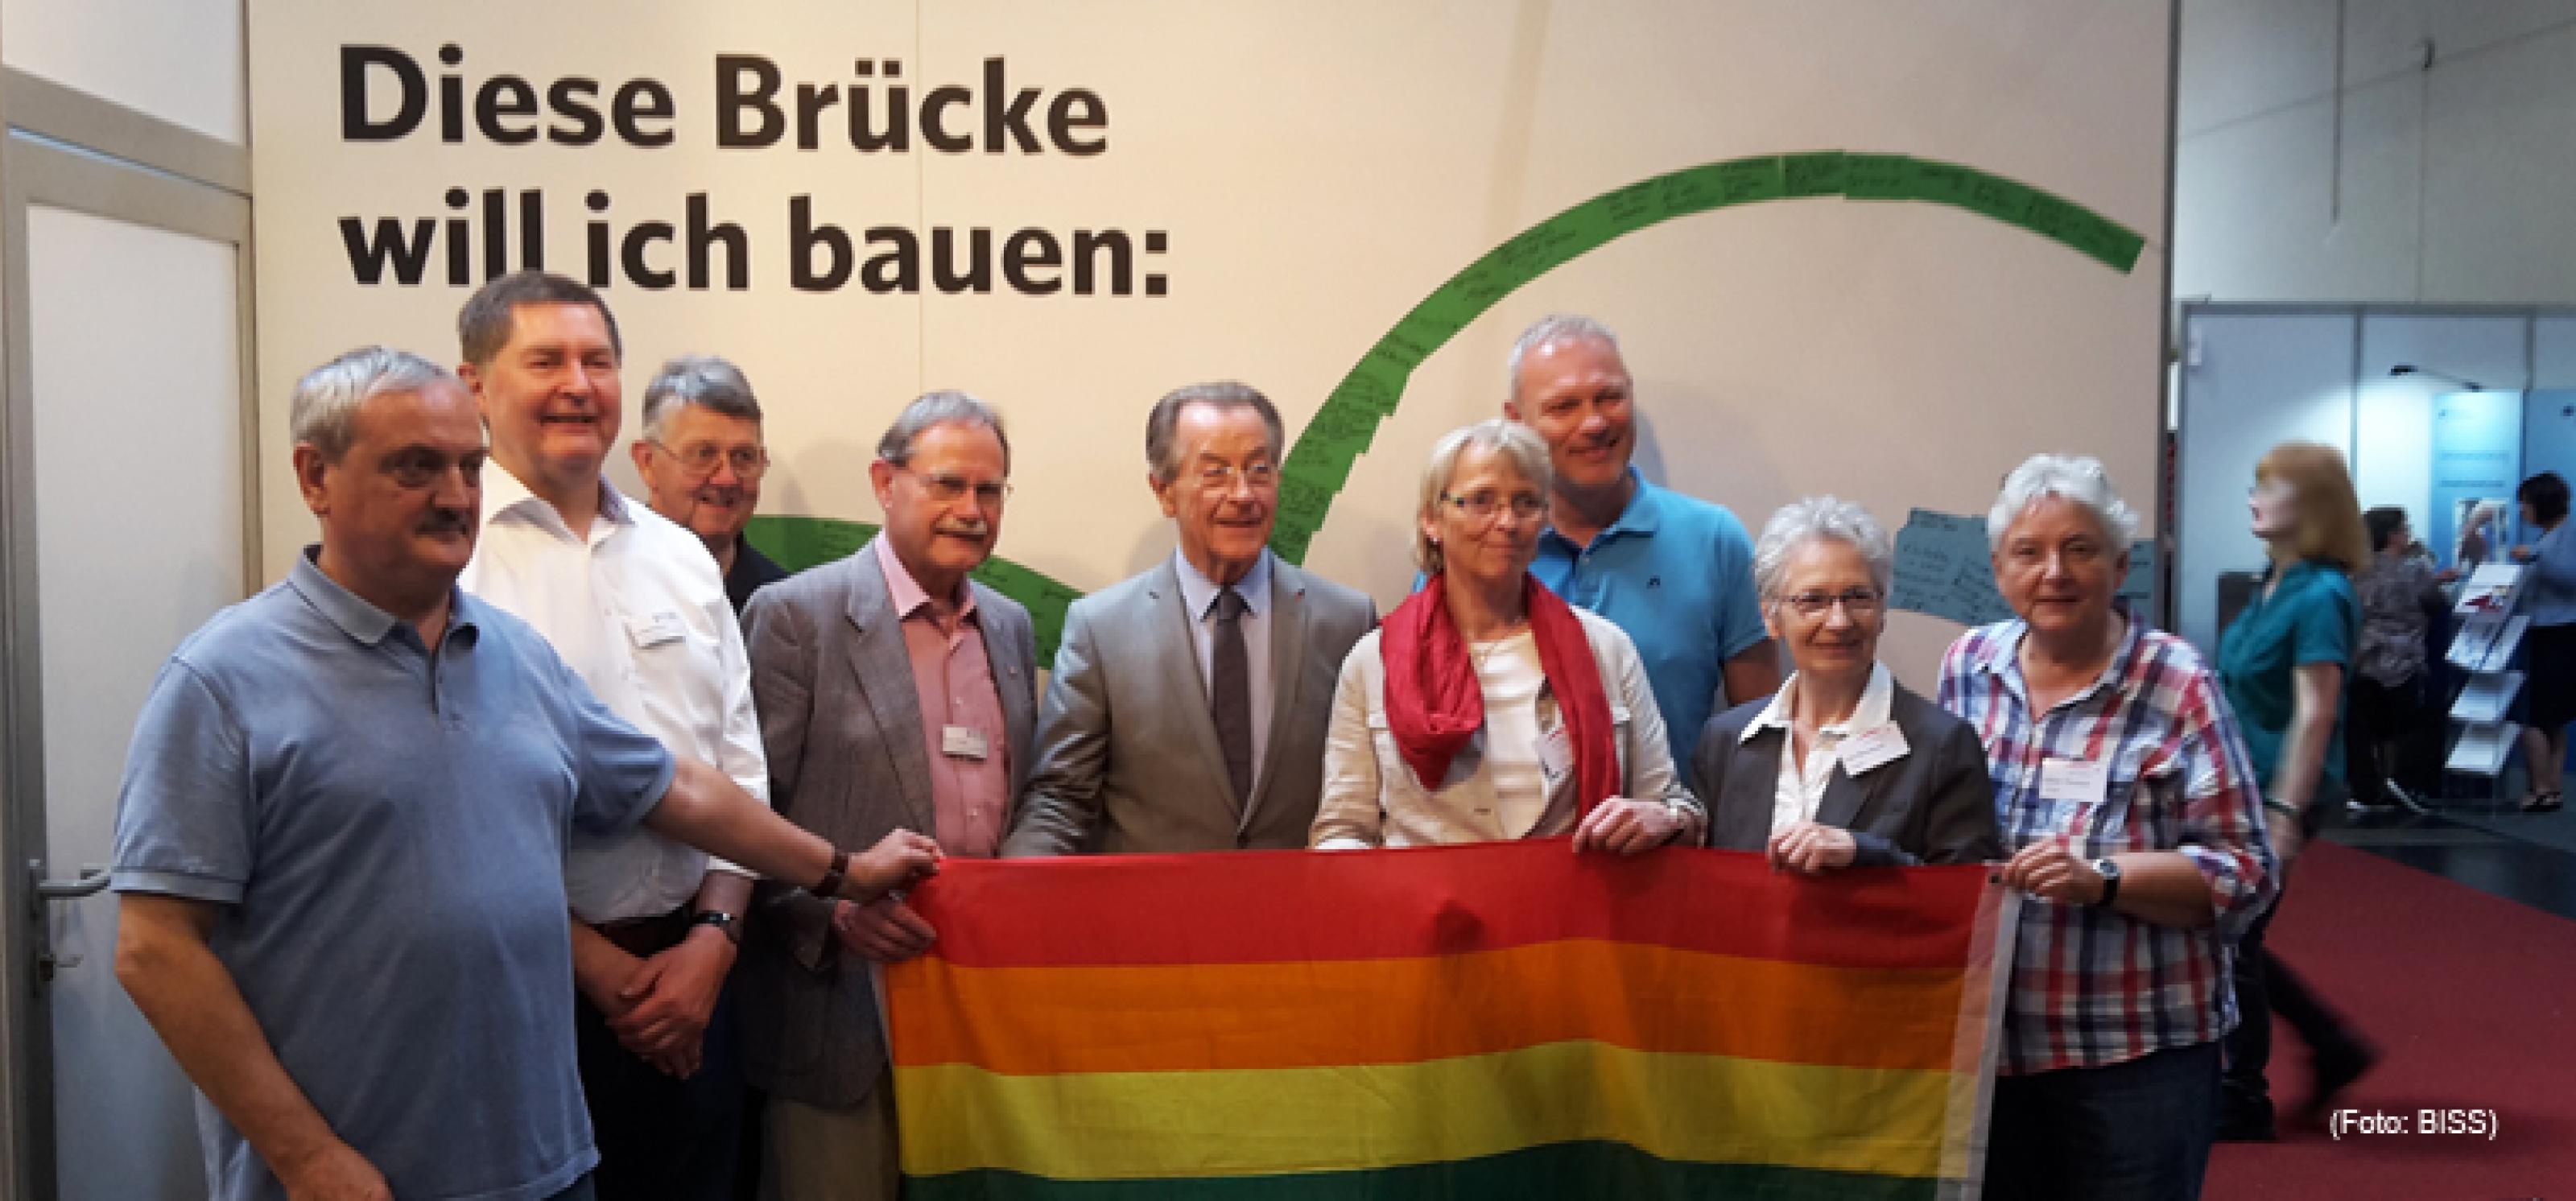 Schwule dating seiten deutschland